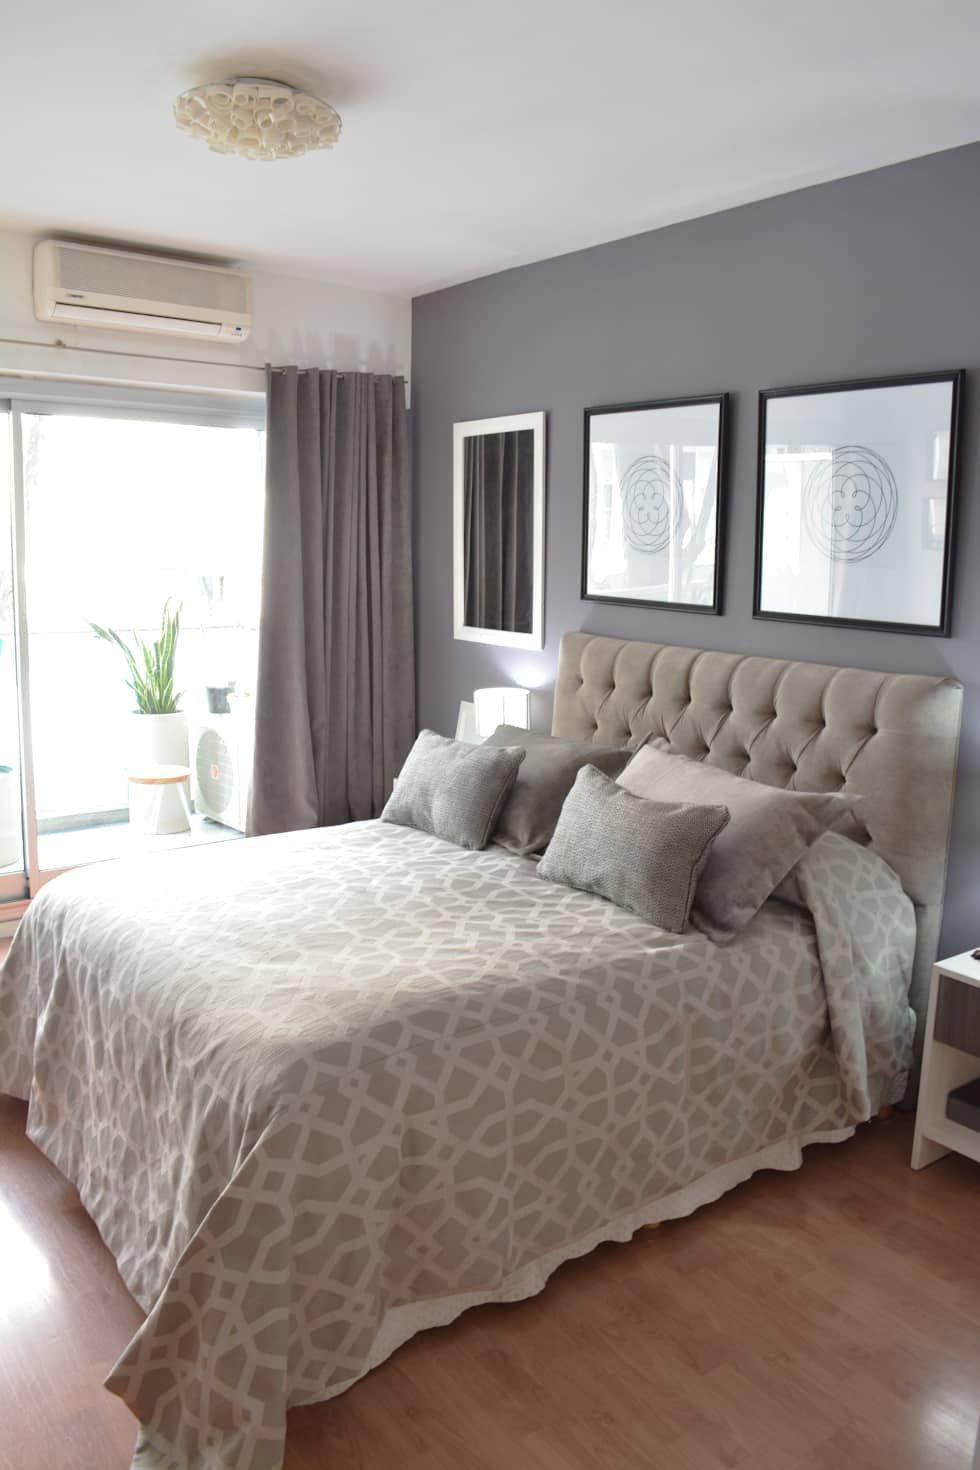 Dormitorio moderno dormitorios de estilo por nicolas